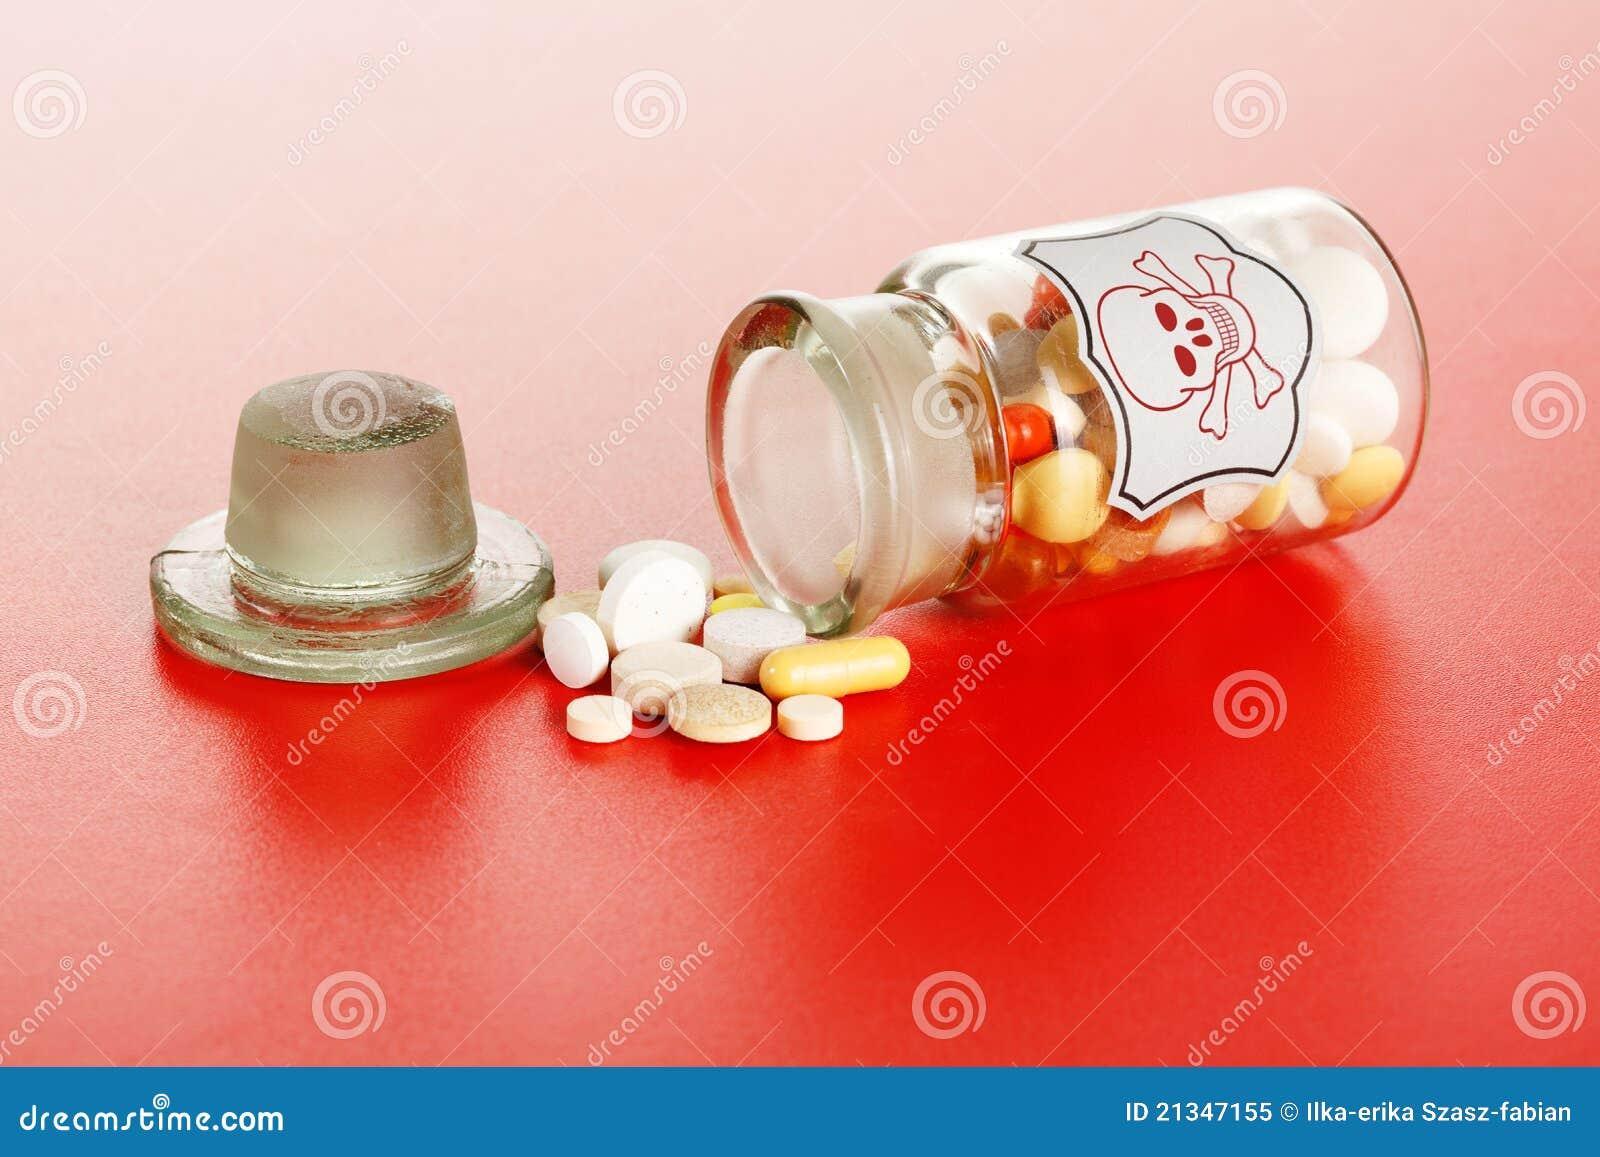 dodelijke pillen die uit glas chemische fles worden gemorst stock afbeelding afbeelding. Black Bedroom Furniture Sets. Home Design Ideas